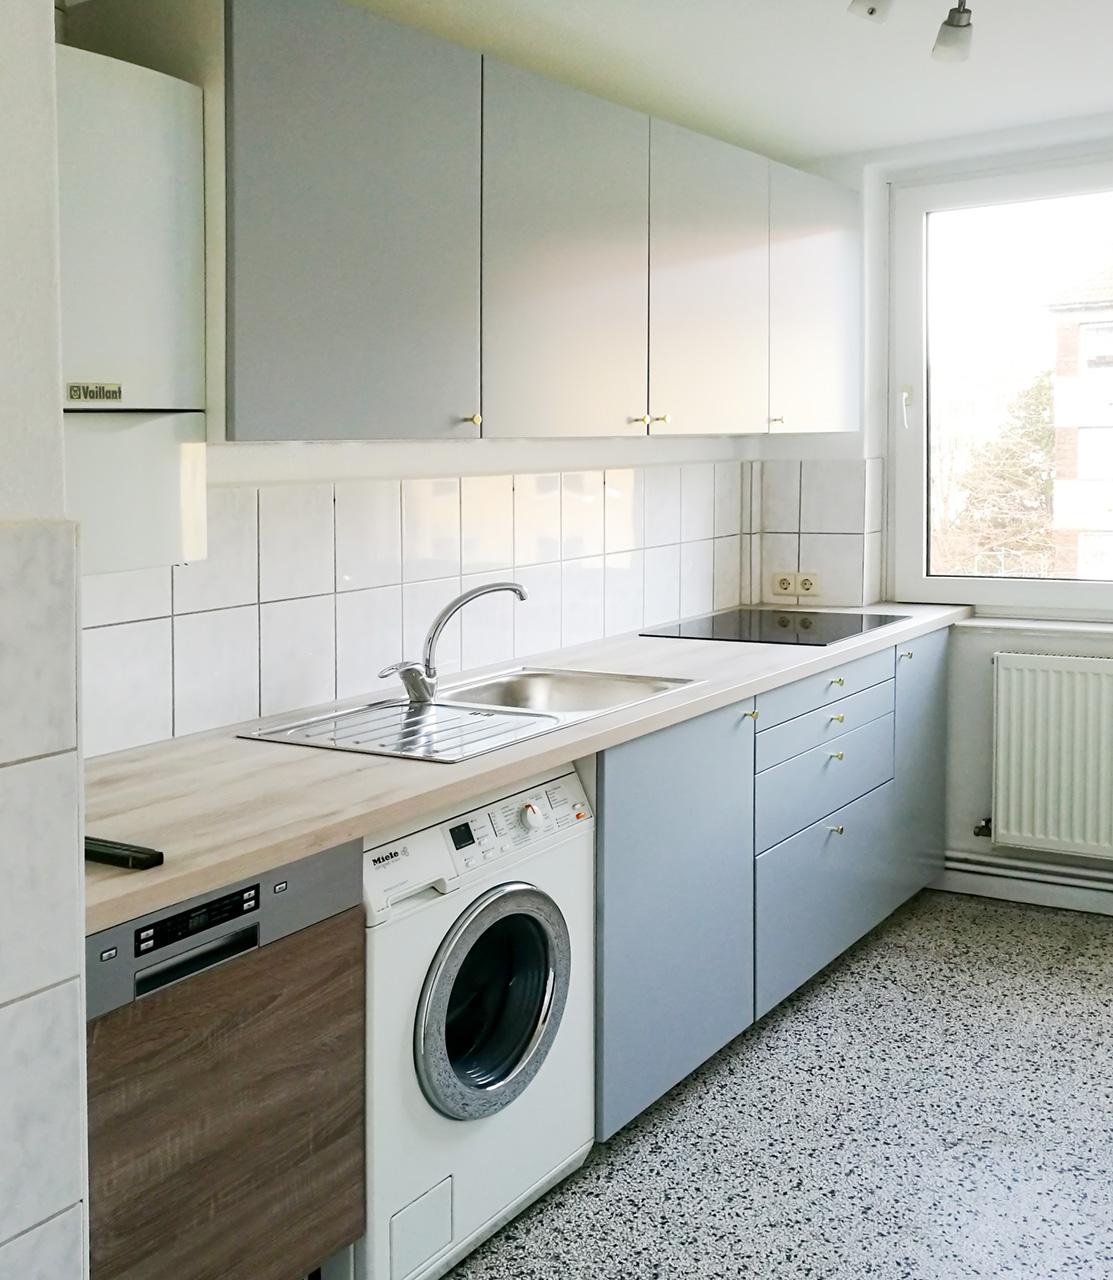 Neue Wohnung IKEA Küche